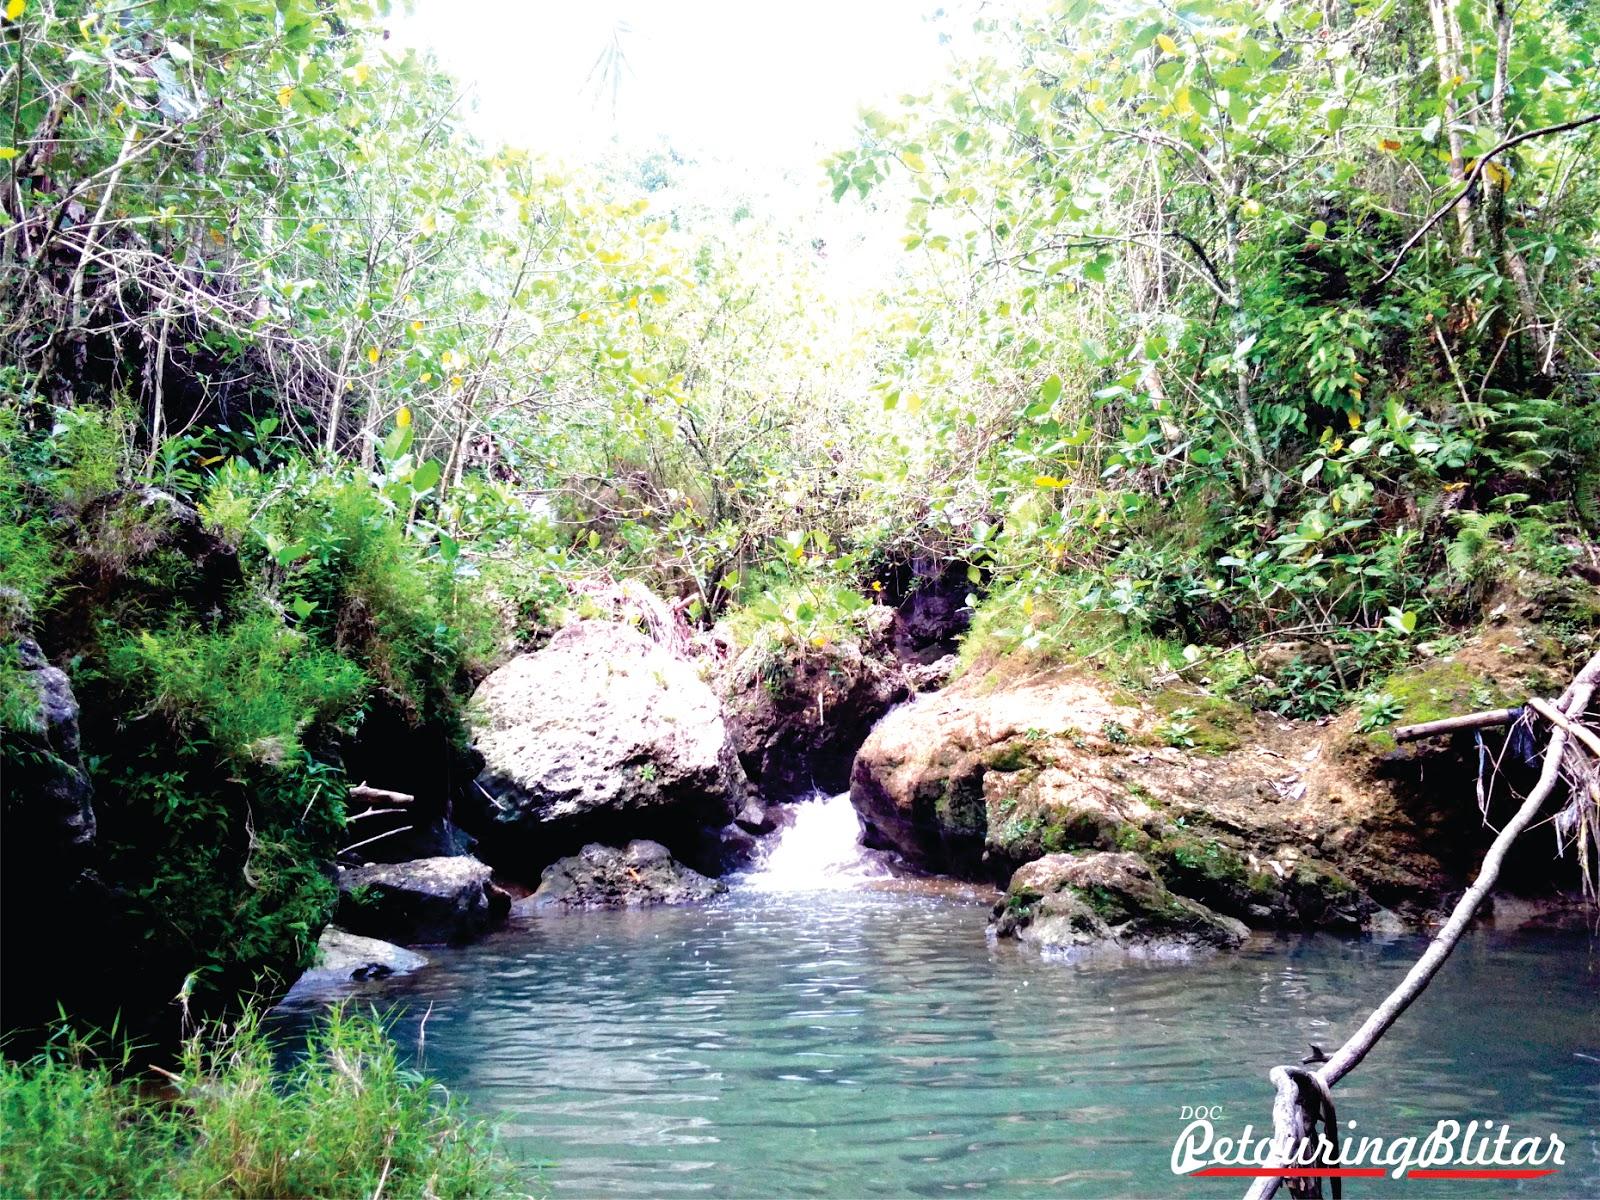 Petouring Blitar Air Terjun Jurug Tumpuk Wonotirto Juug Untuk Minum Itu Bisa Dibilang Lorejo Dikatakan Karena Sumbernya Berada Di Desa Aliran Sungai Yang Bersih